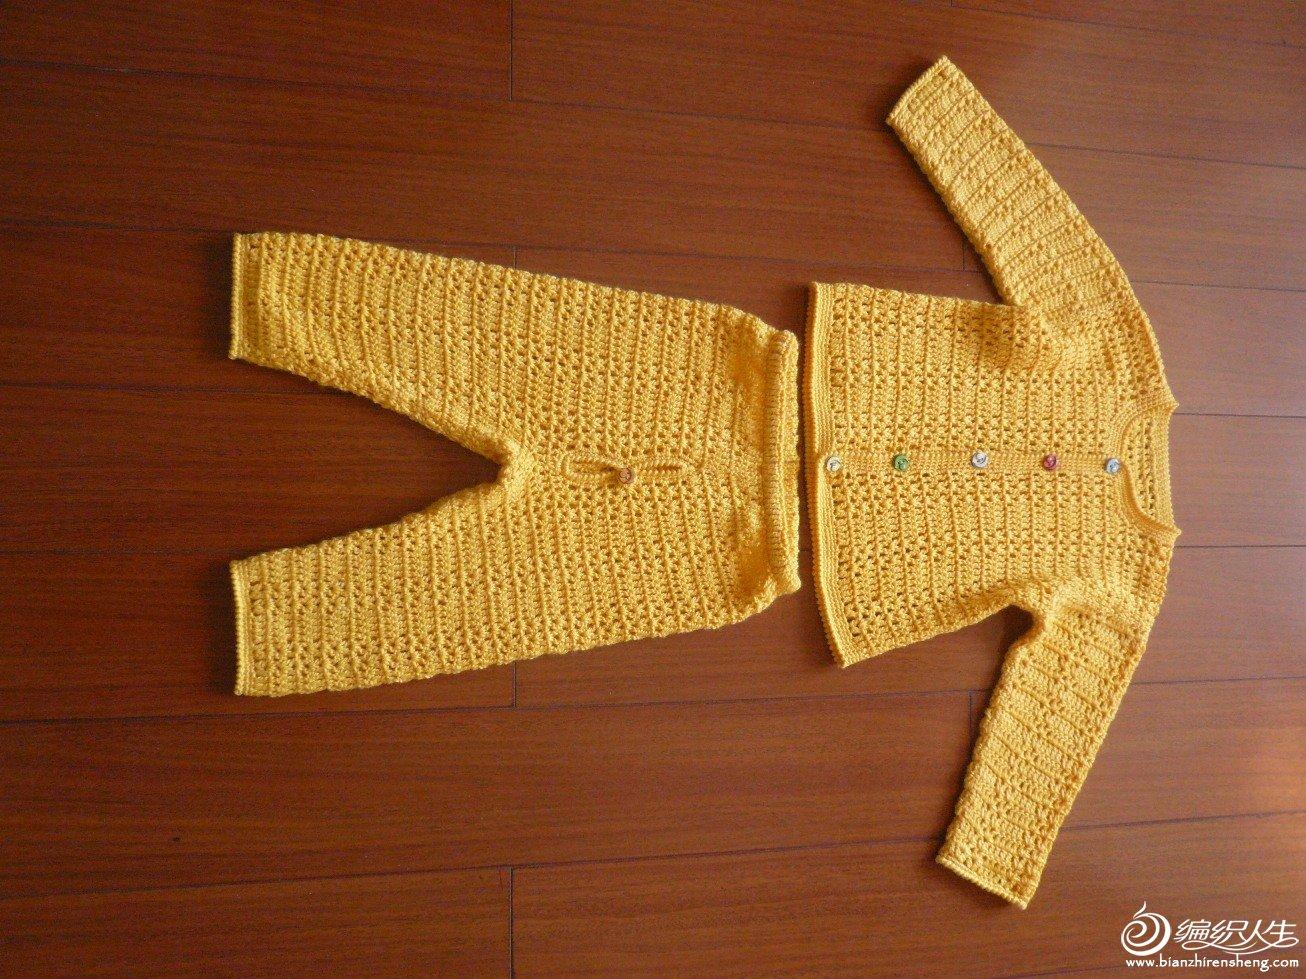 钩针婴儿套装(强生婴儿绒线) (1).JPG